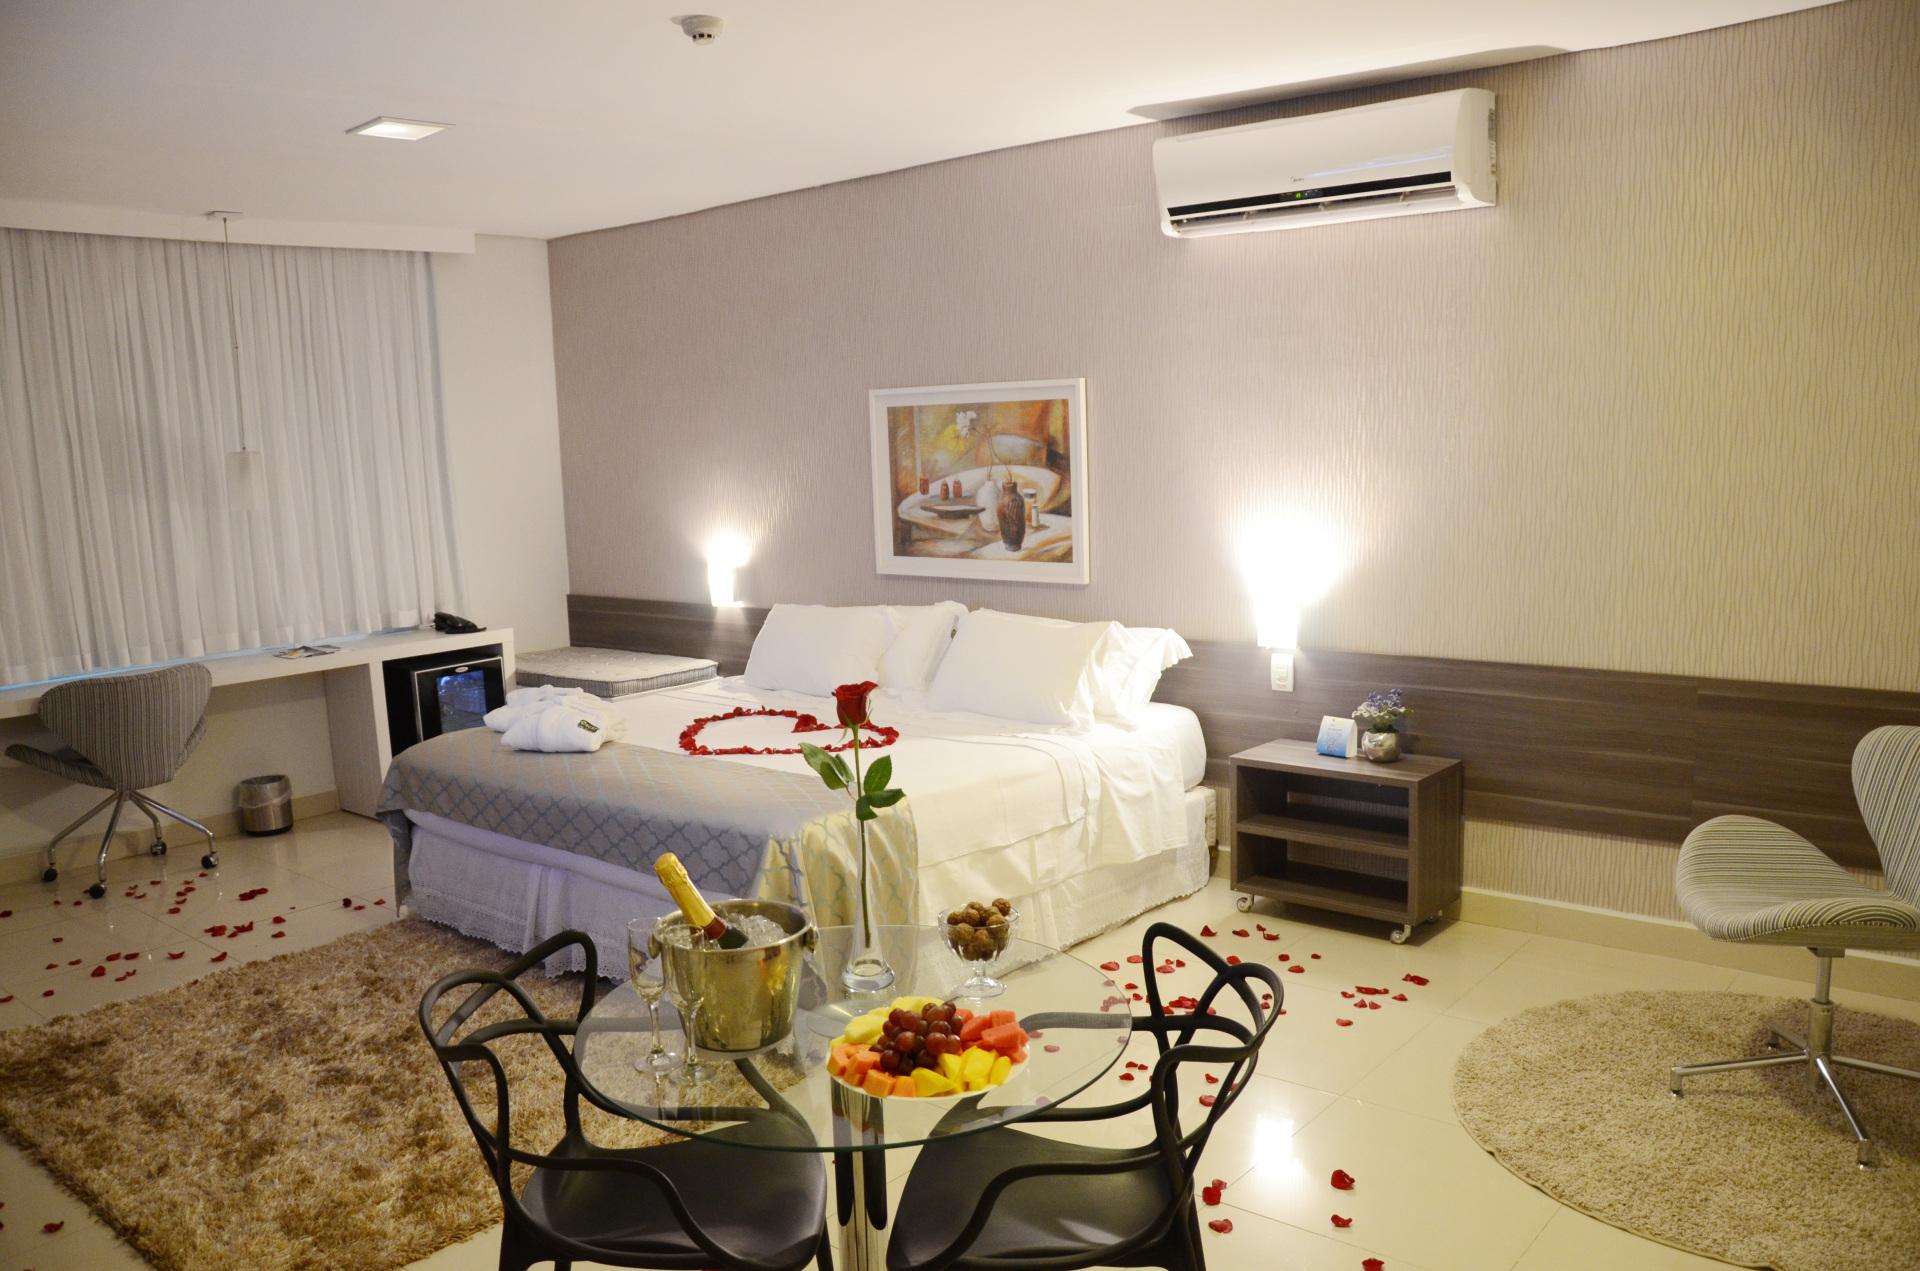 Day Use - Oscar Hotel Executive - Porto Velho - Rondônia